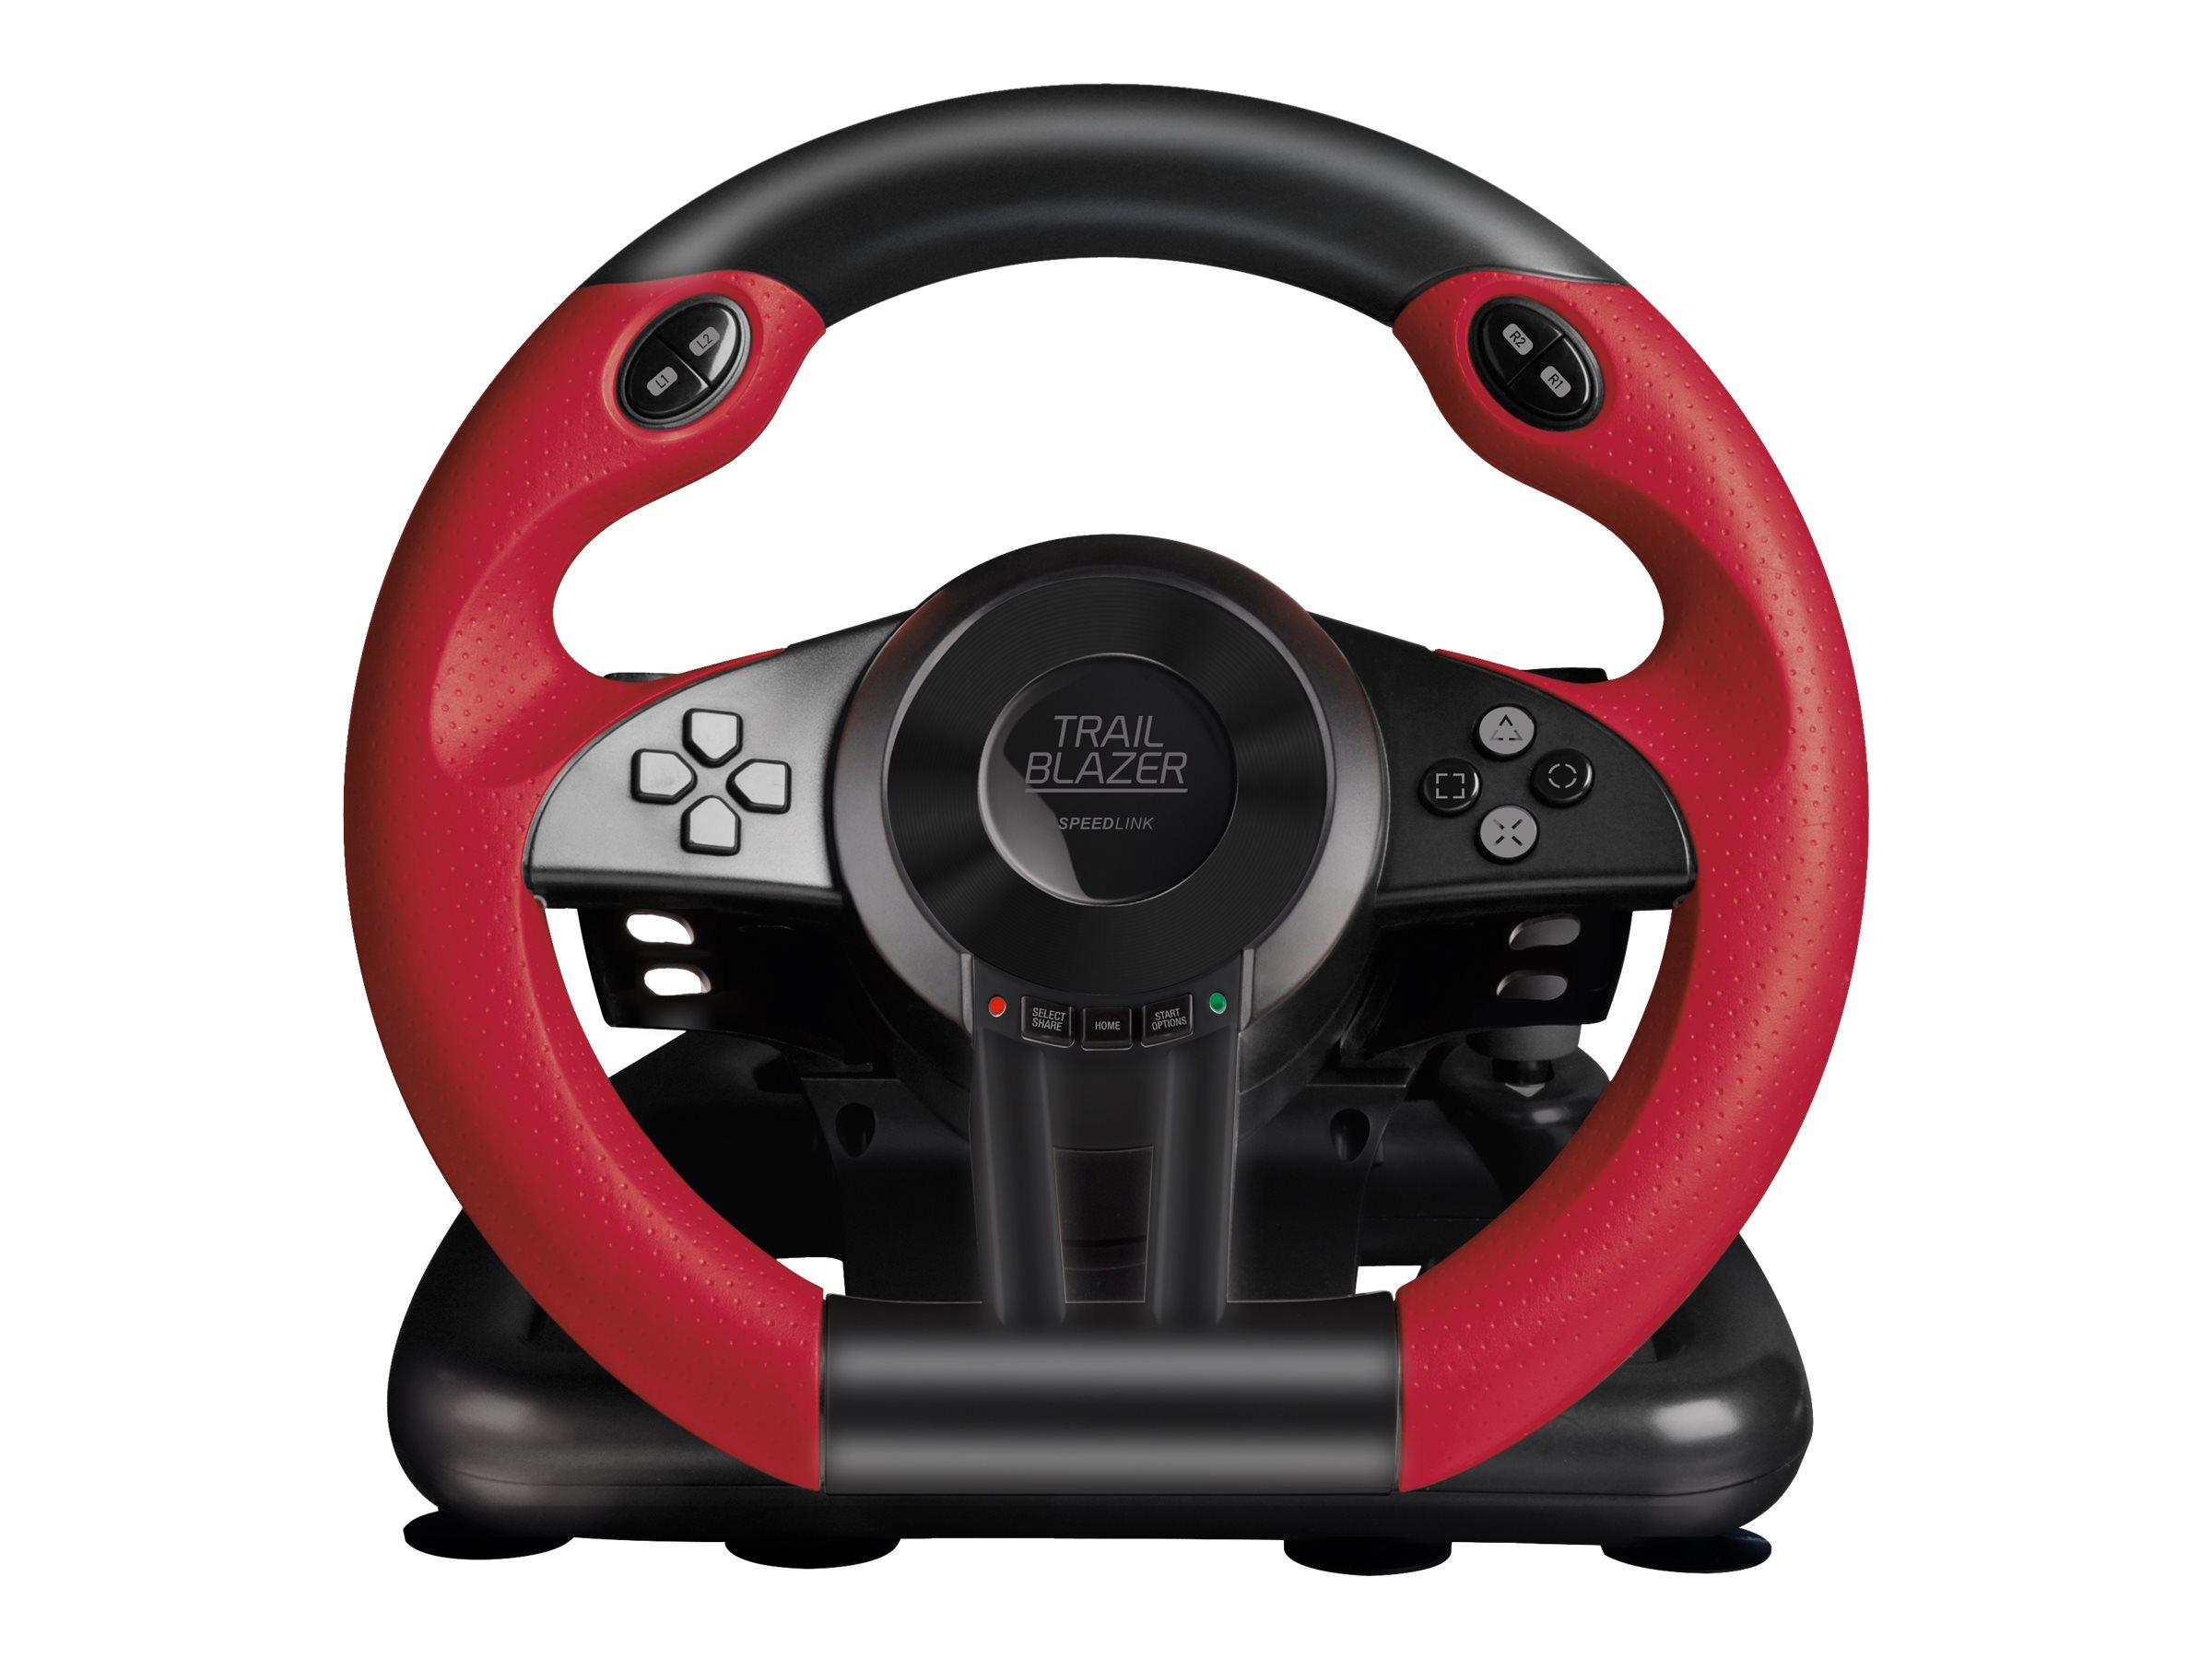 SPEEDLINK TRAILBLAZER Racing Wheel - Lenkrad- und Pedale-Set - kabelgebunden - Schwarz - für Sony PlayStation 3, Microsoft Xbox